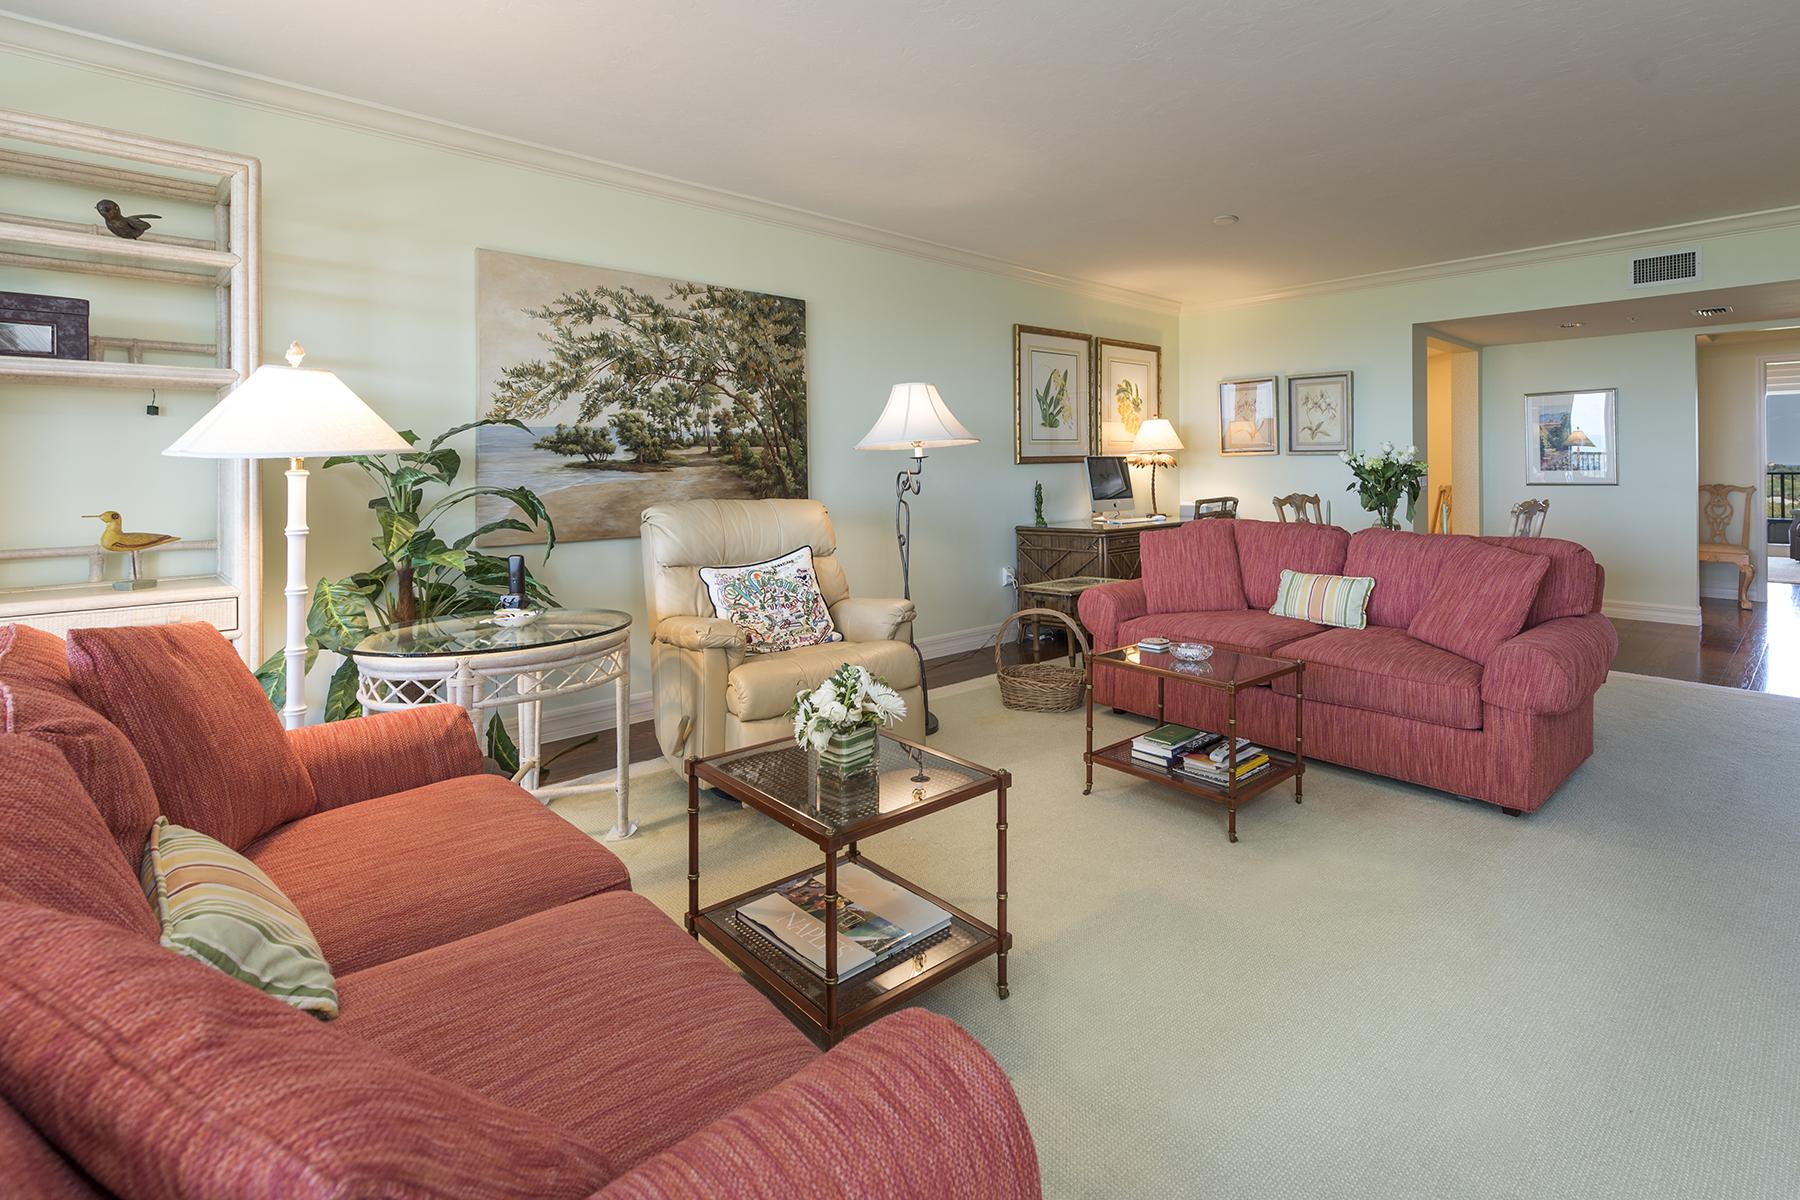 Nhà chung cư vì Bán tại 7425 Pelican Bay Blvd , 1004, Naples, FL 34108 7425 Pelican Bay Blvd 1004 Naples, Florida, 34108 Hoa Kỳ